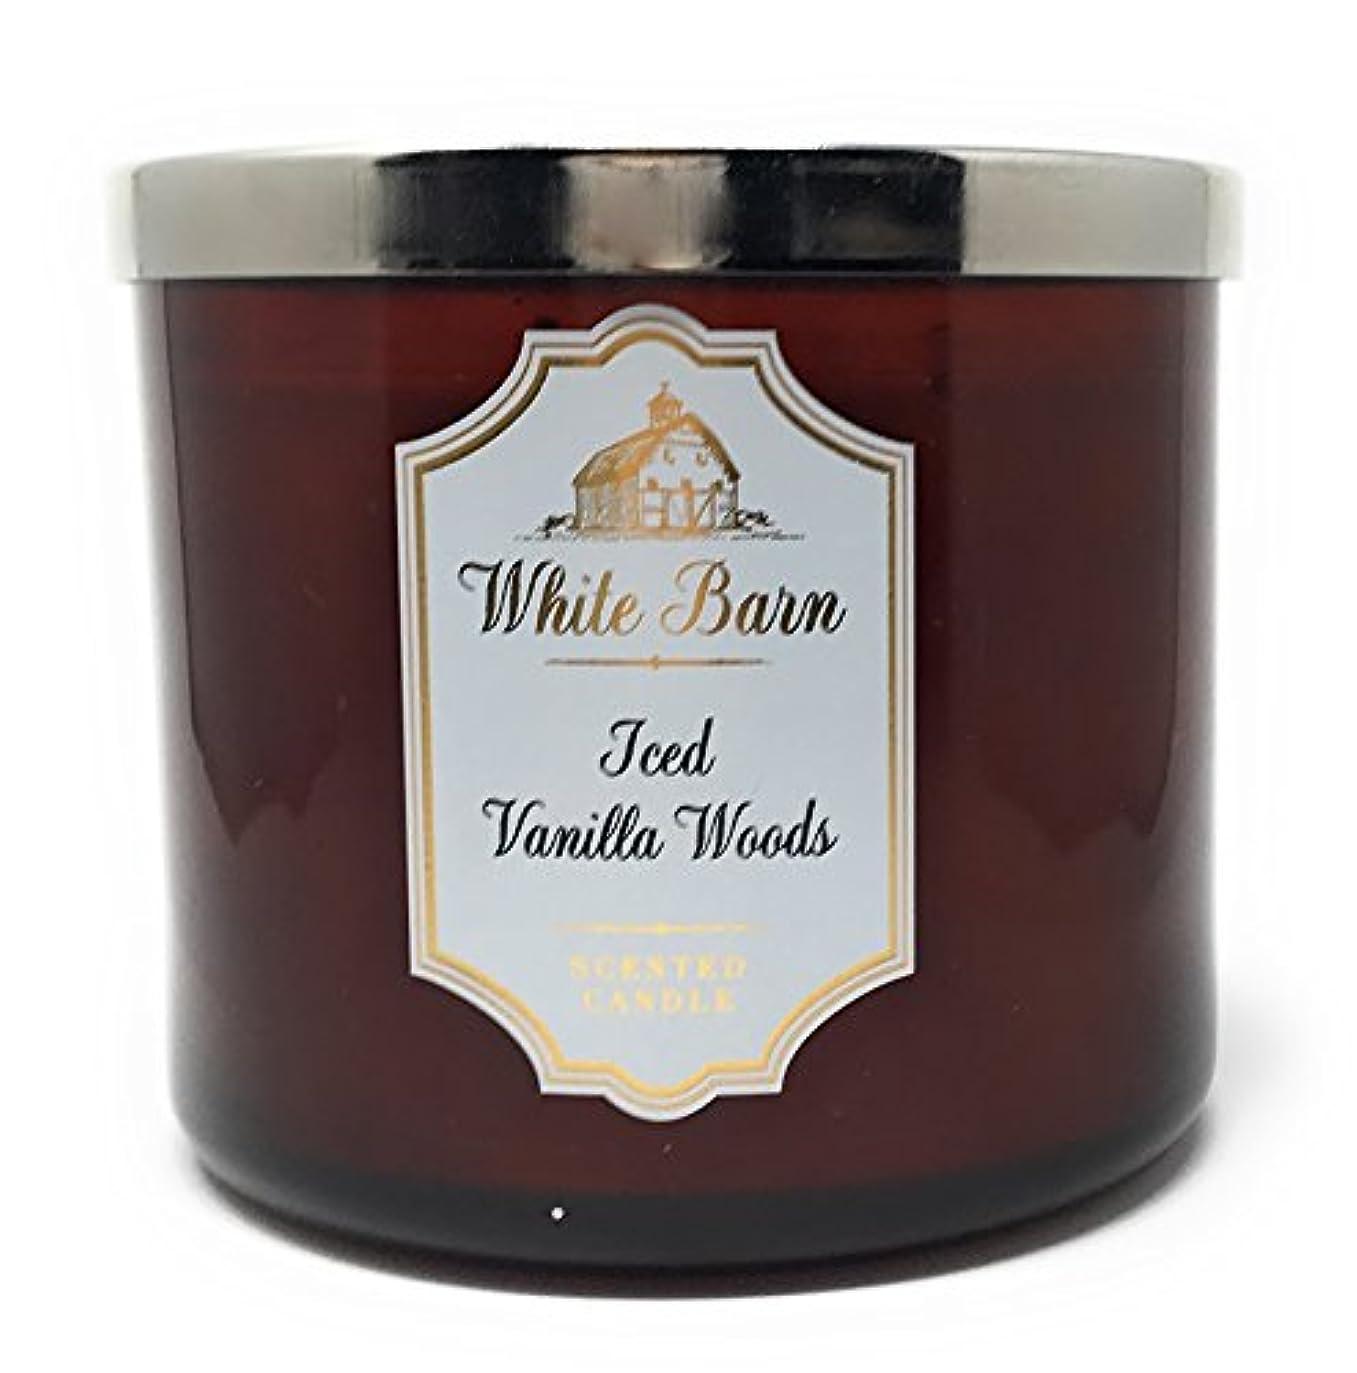 即席従順なマイルホワイトバーンBath & Body Works Candle 3 Wick 14.5オンス香りIced Vanilla Woods